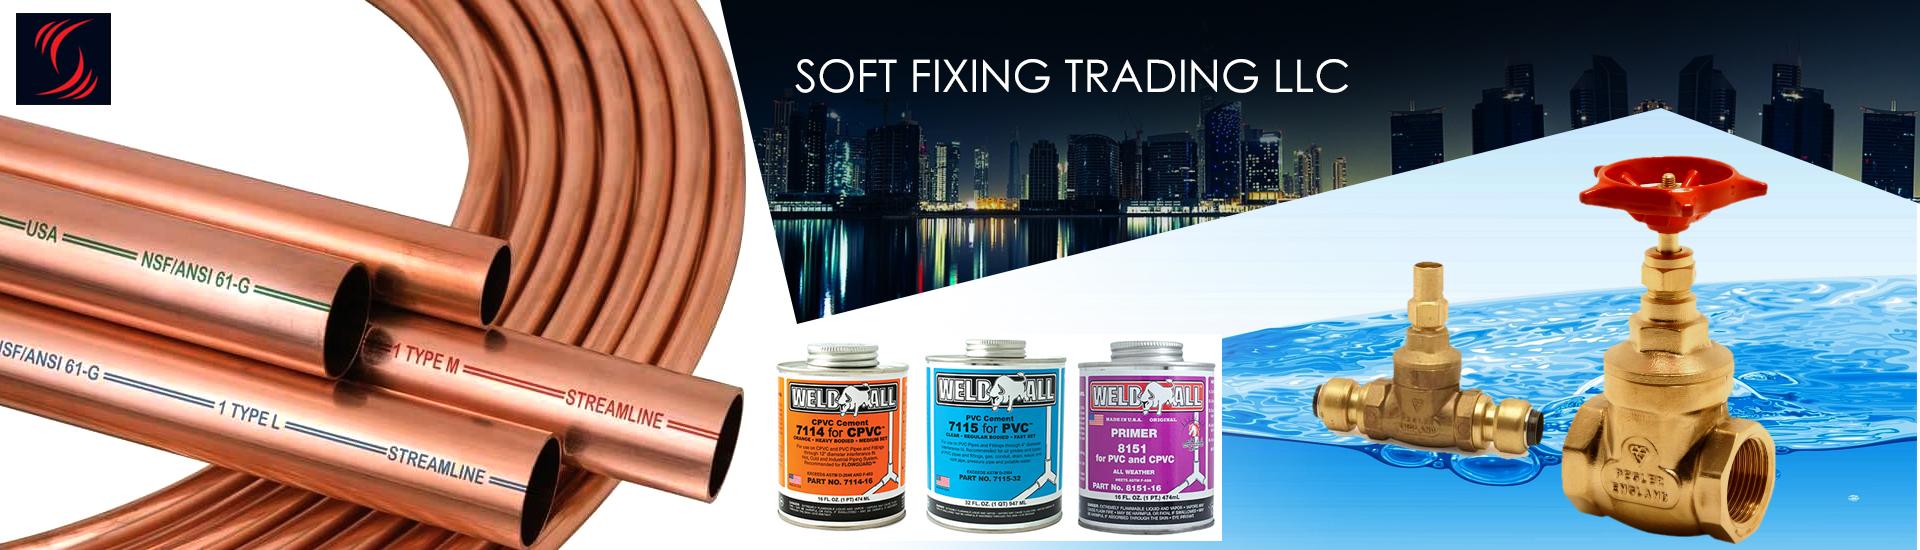 SOFT FIXING TRADING LLC